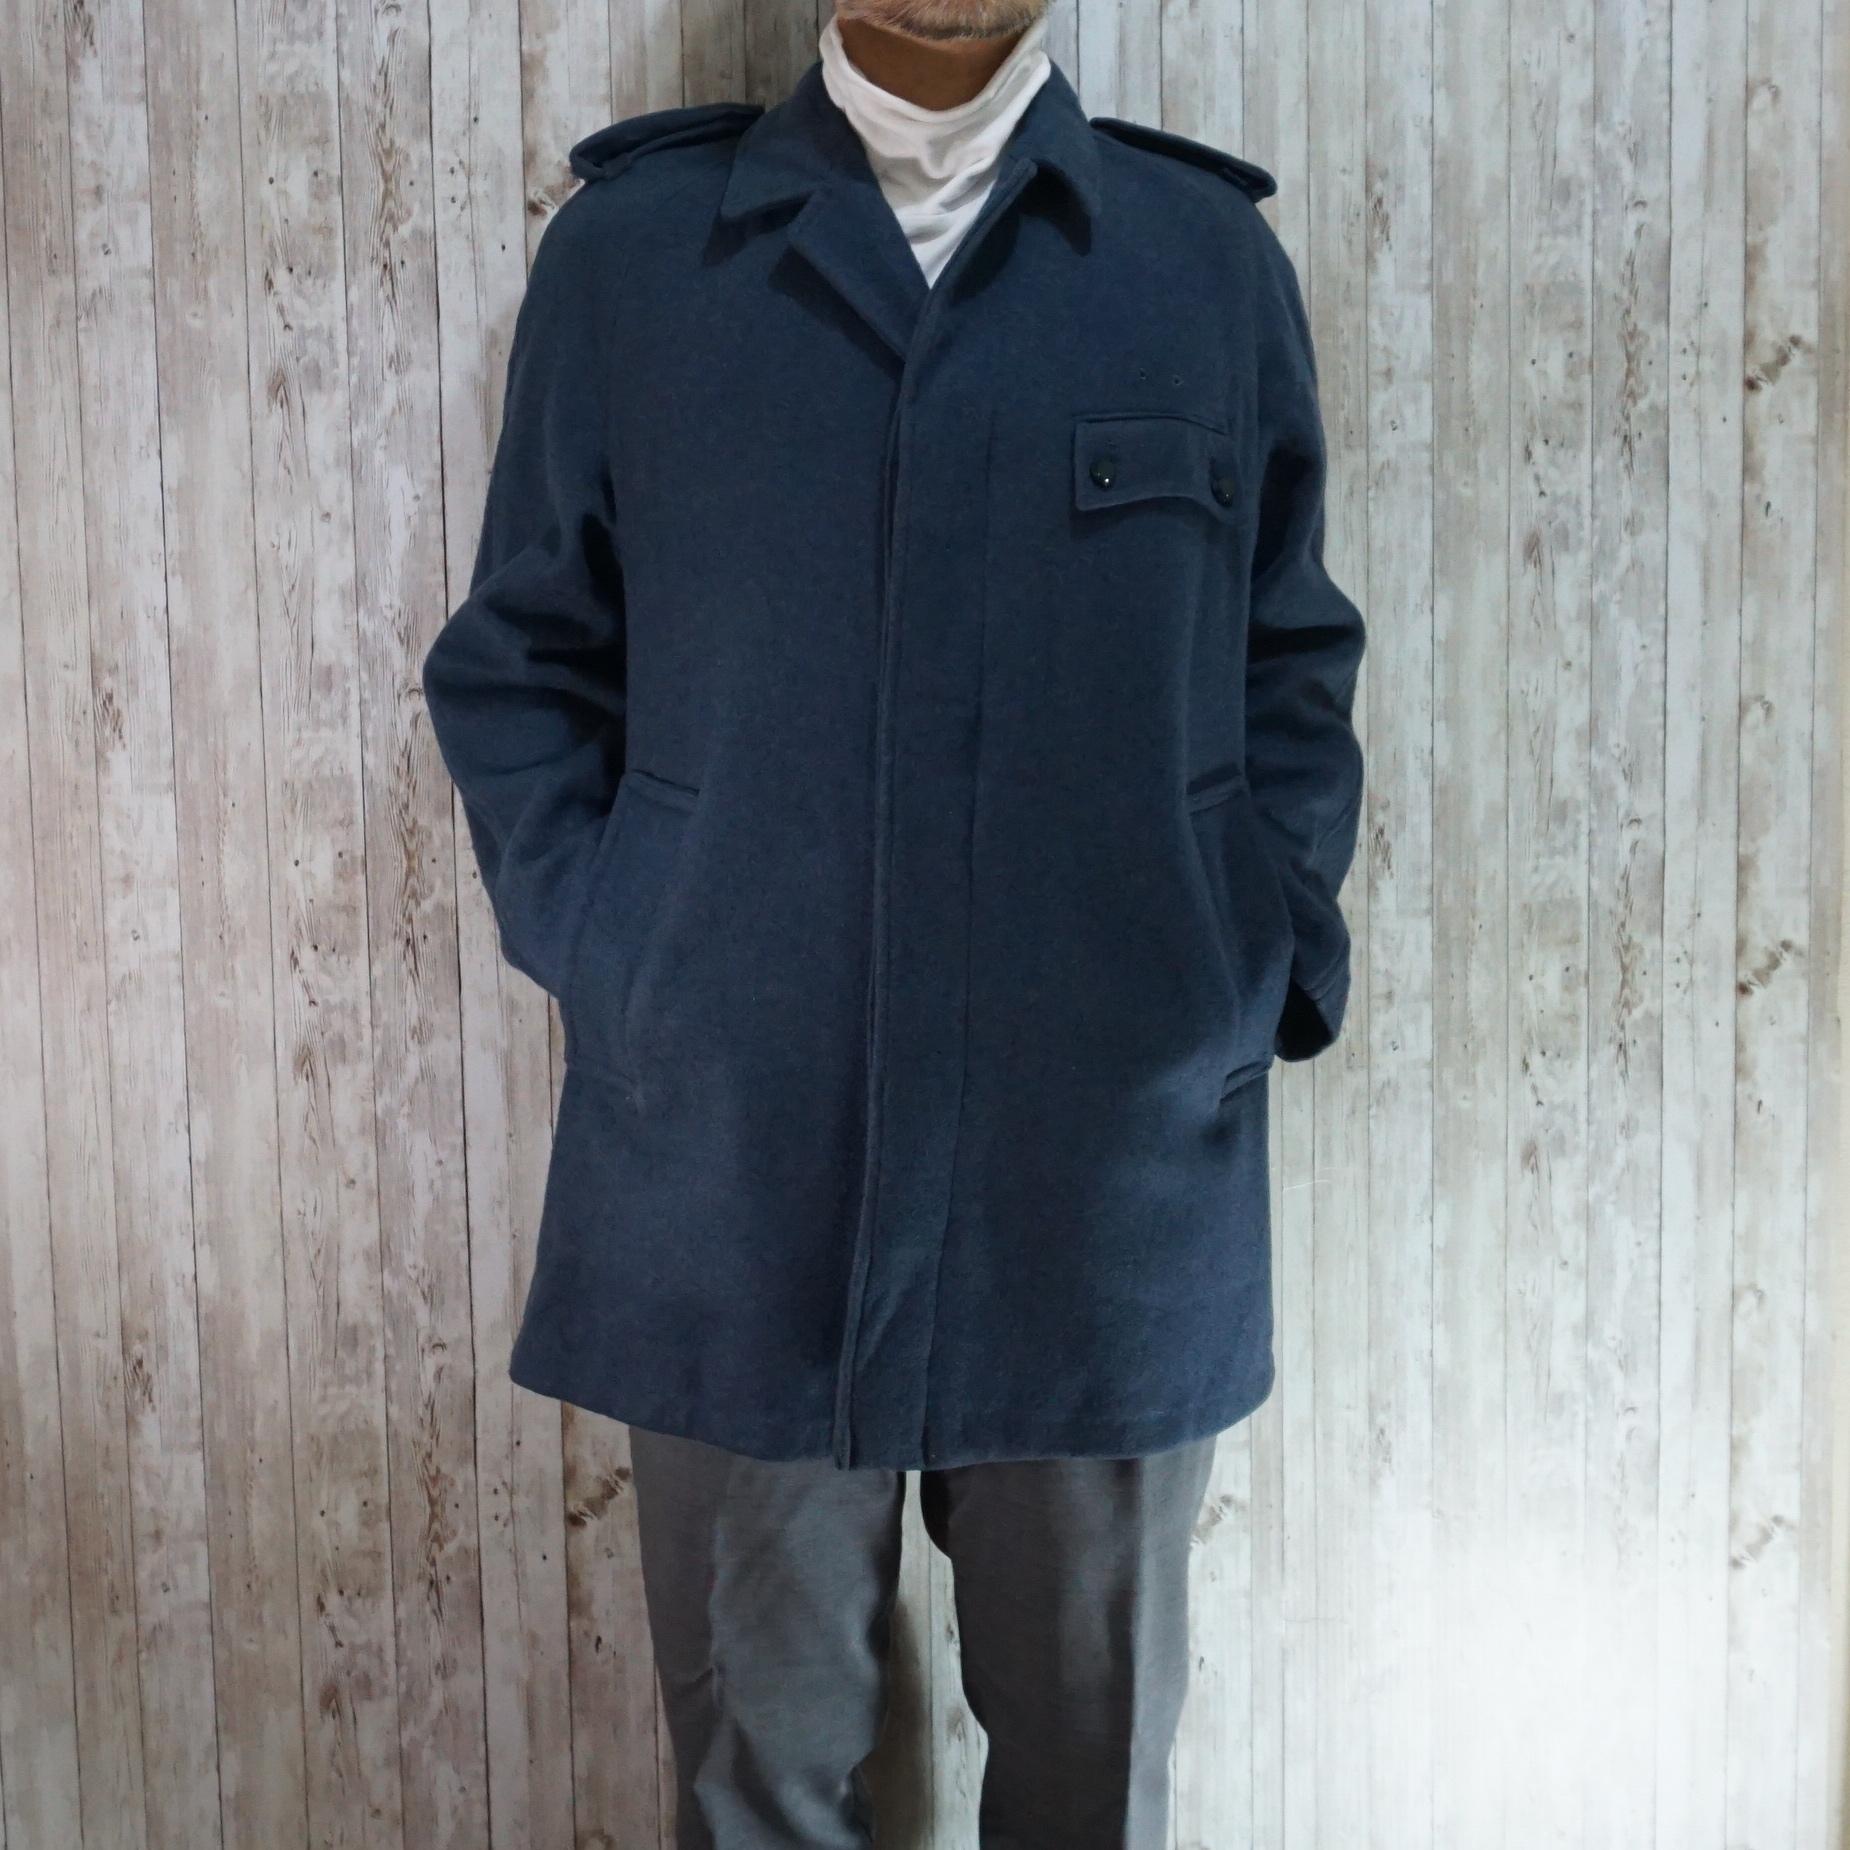 イギリス国営バス運転手に支給されたジャケットはミリタリー要素あり!